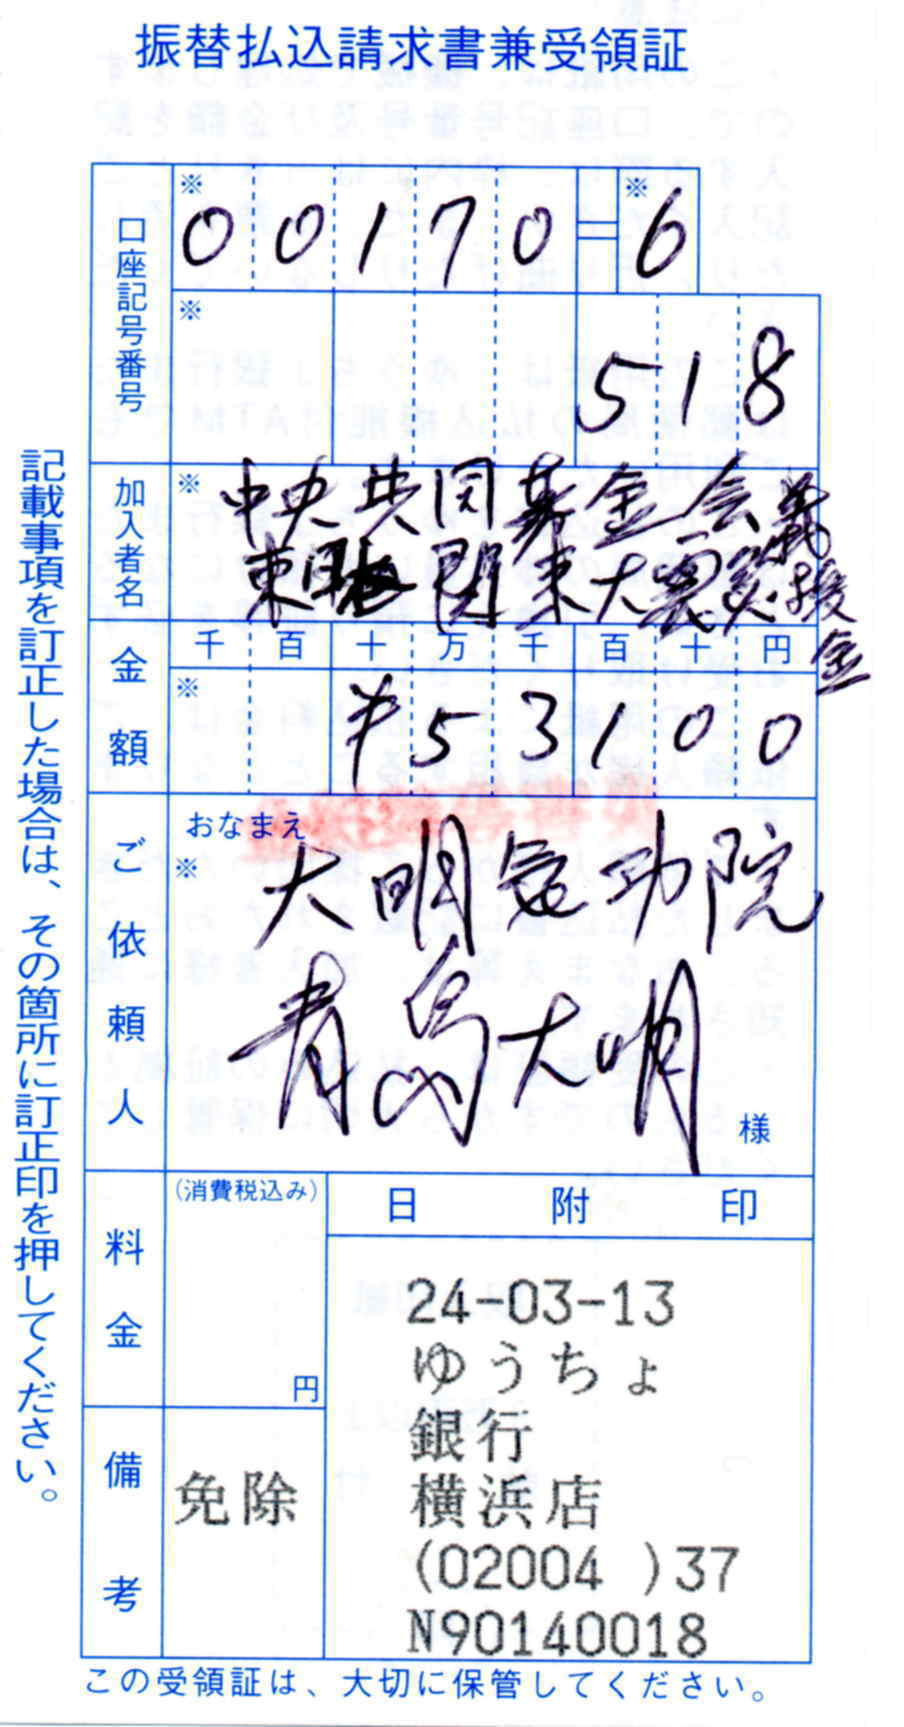 大明気功院 東日本大震災 義援金領収証2